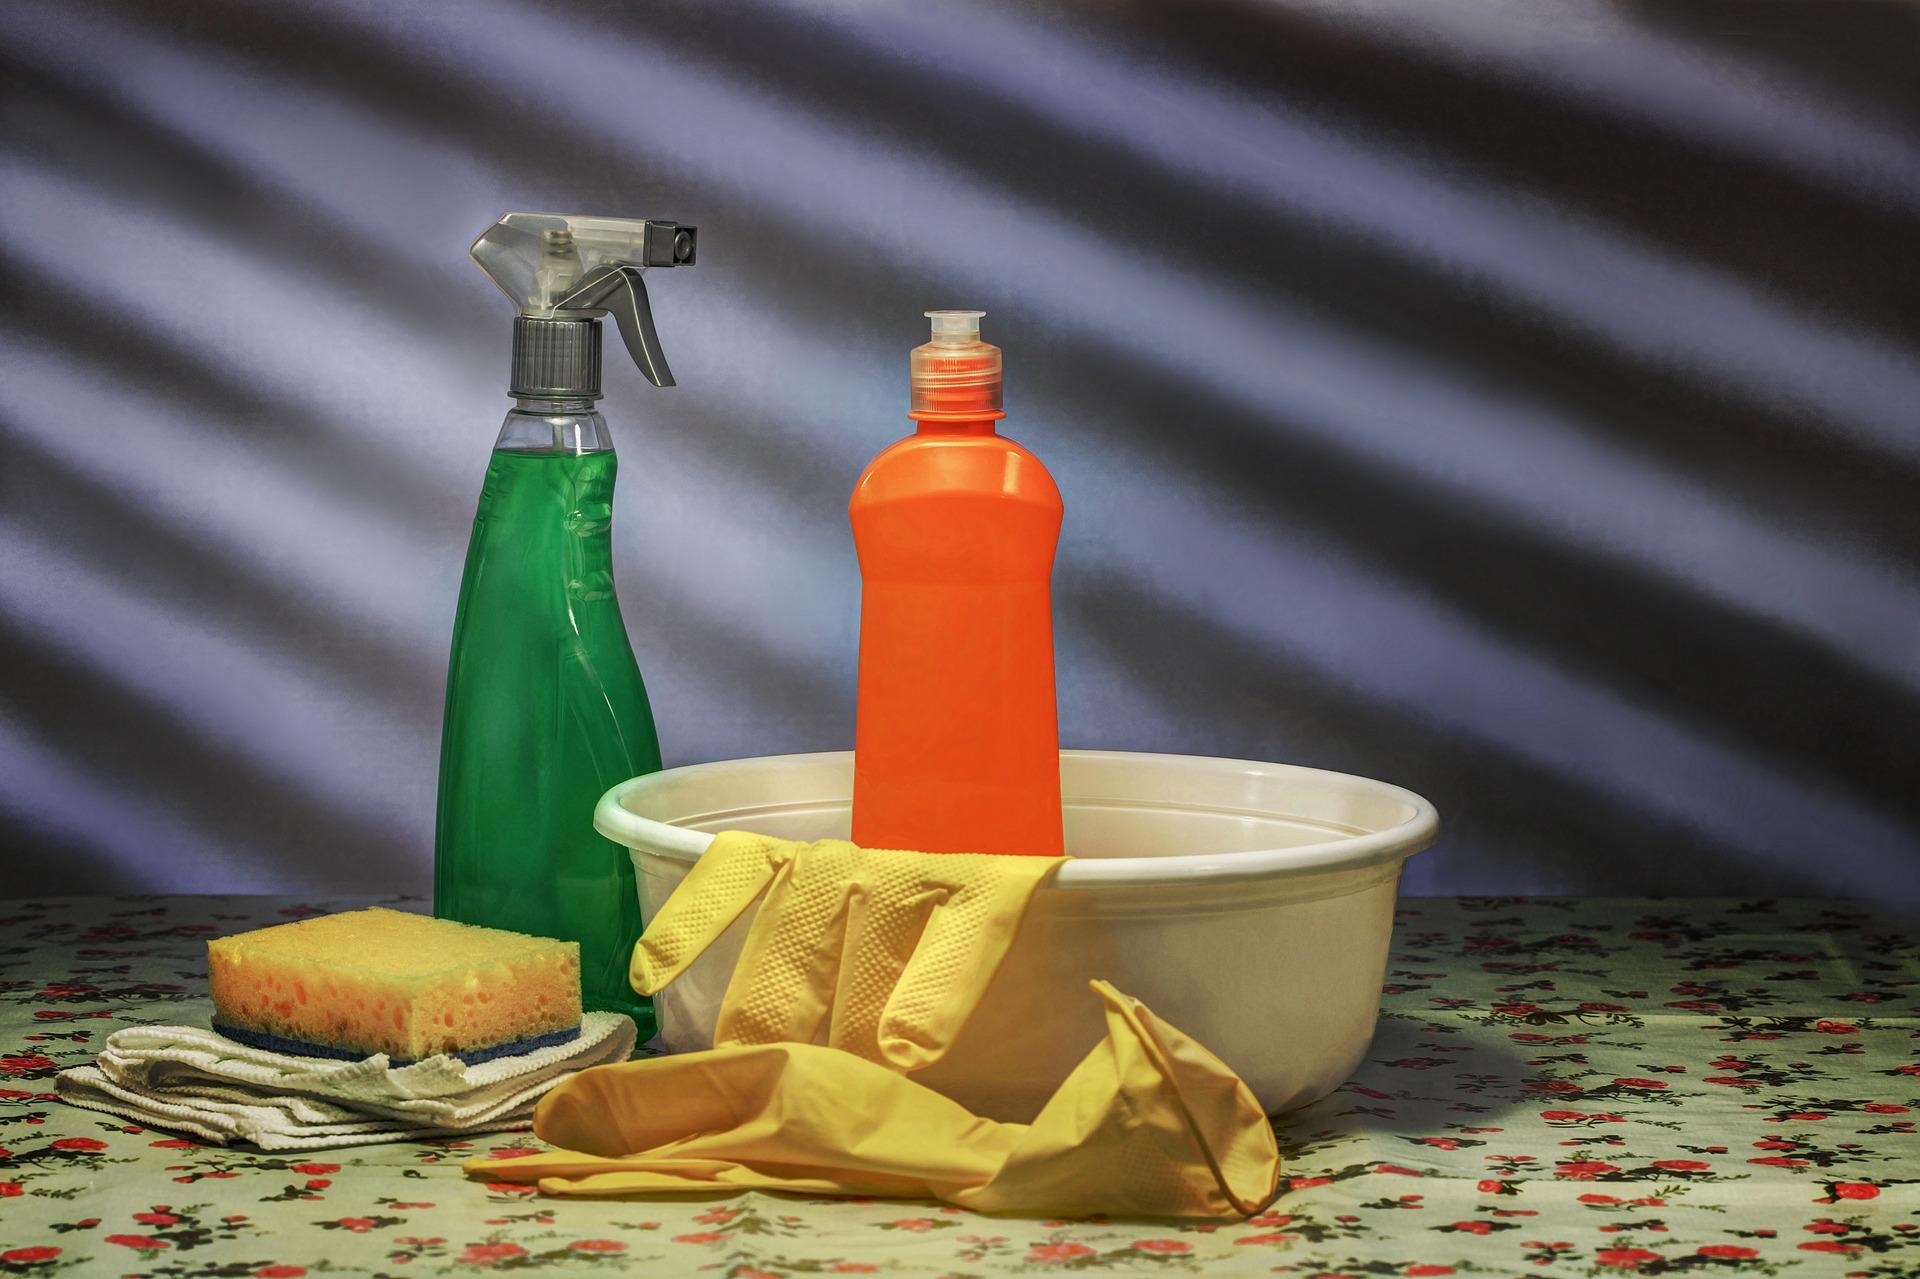 uggs schoonmaken